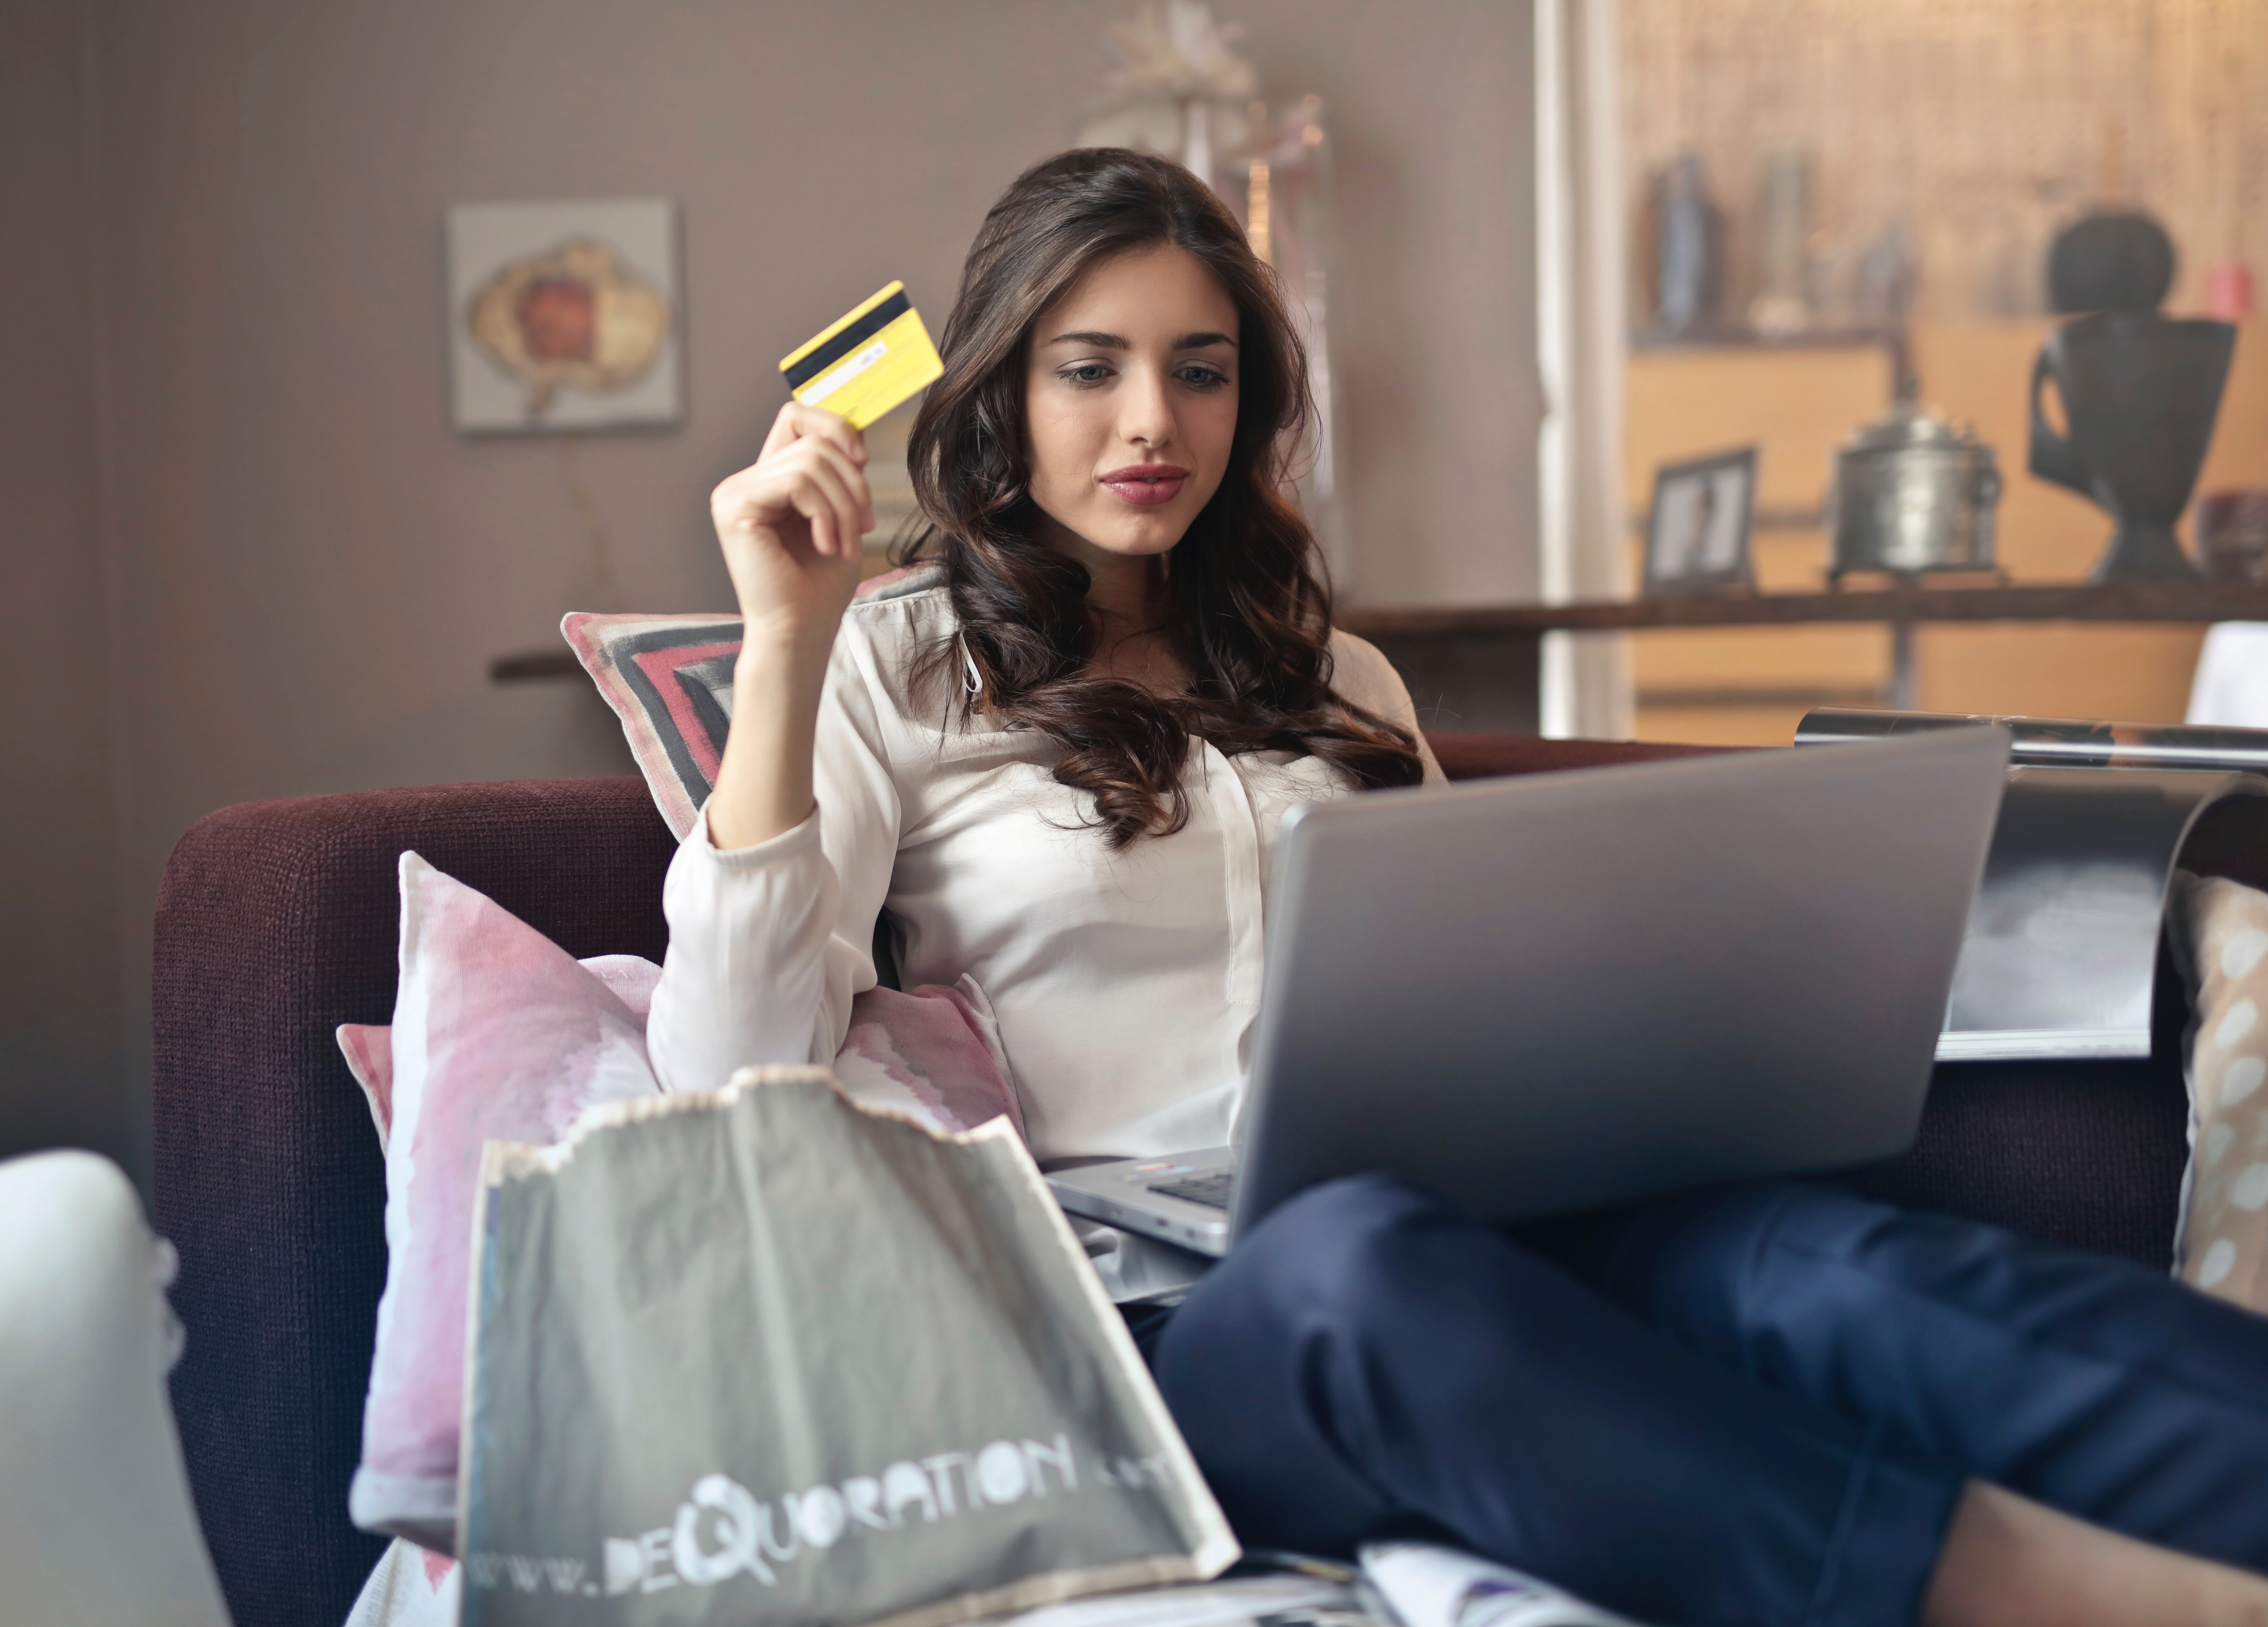 Girl spending money